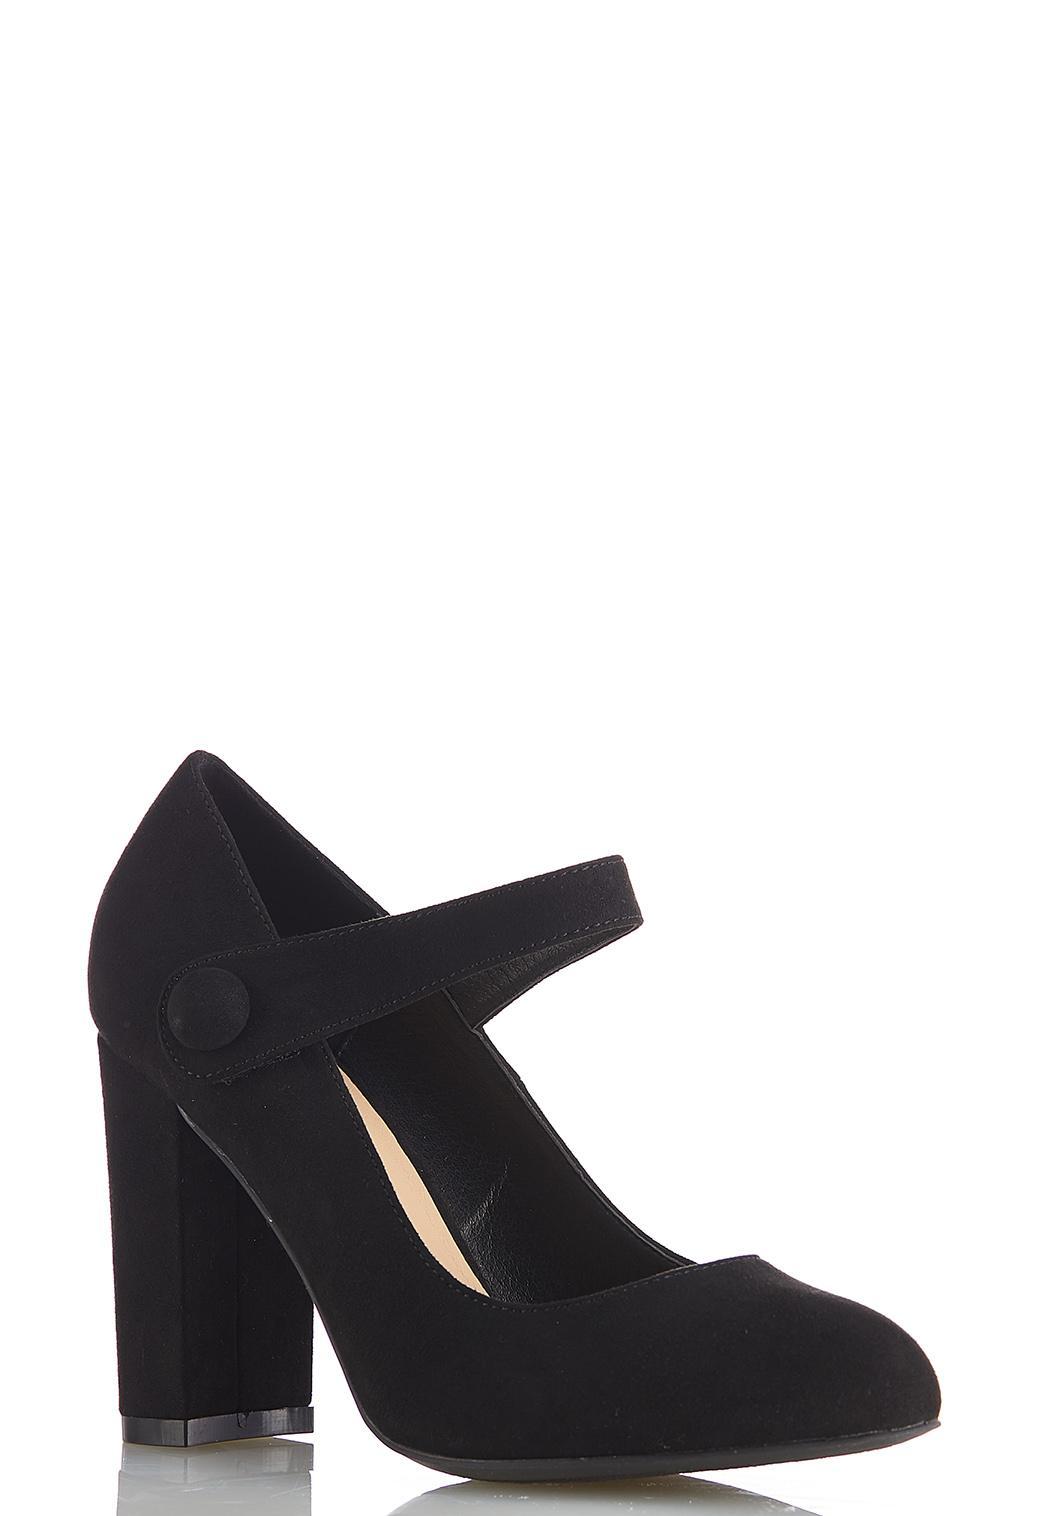 Women's Wide Width Shoes